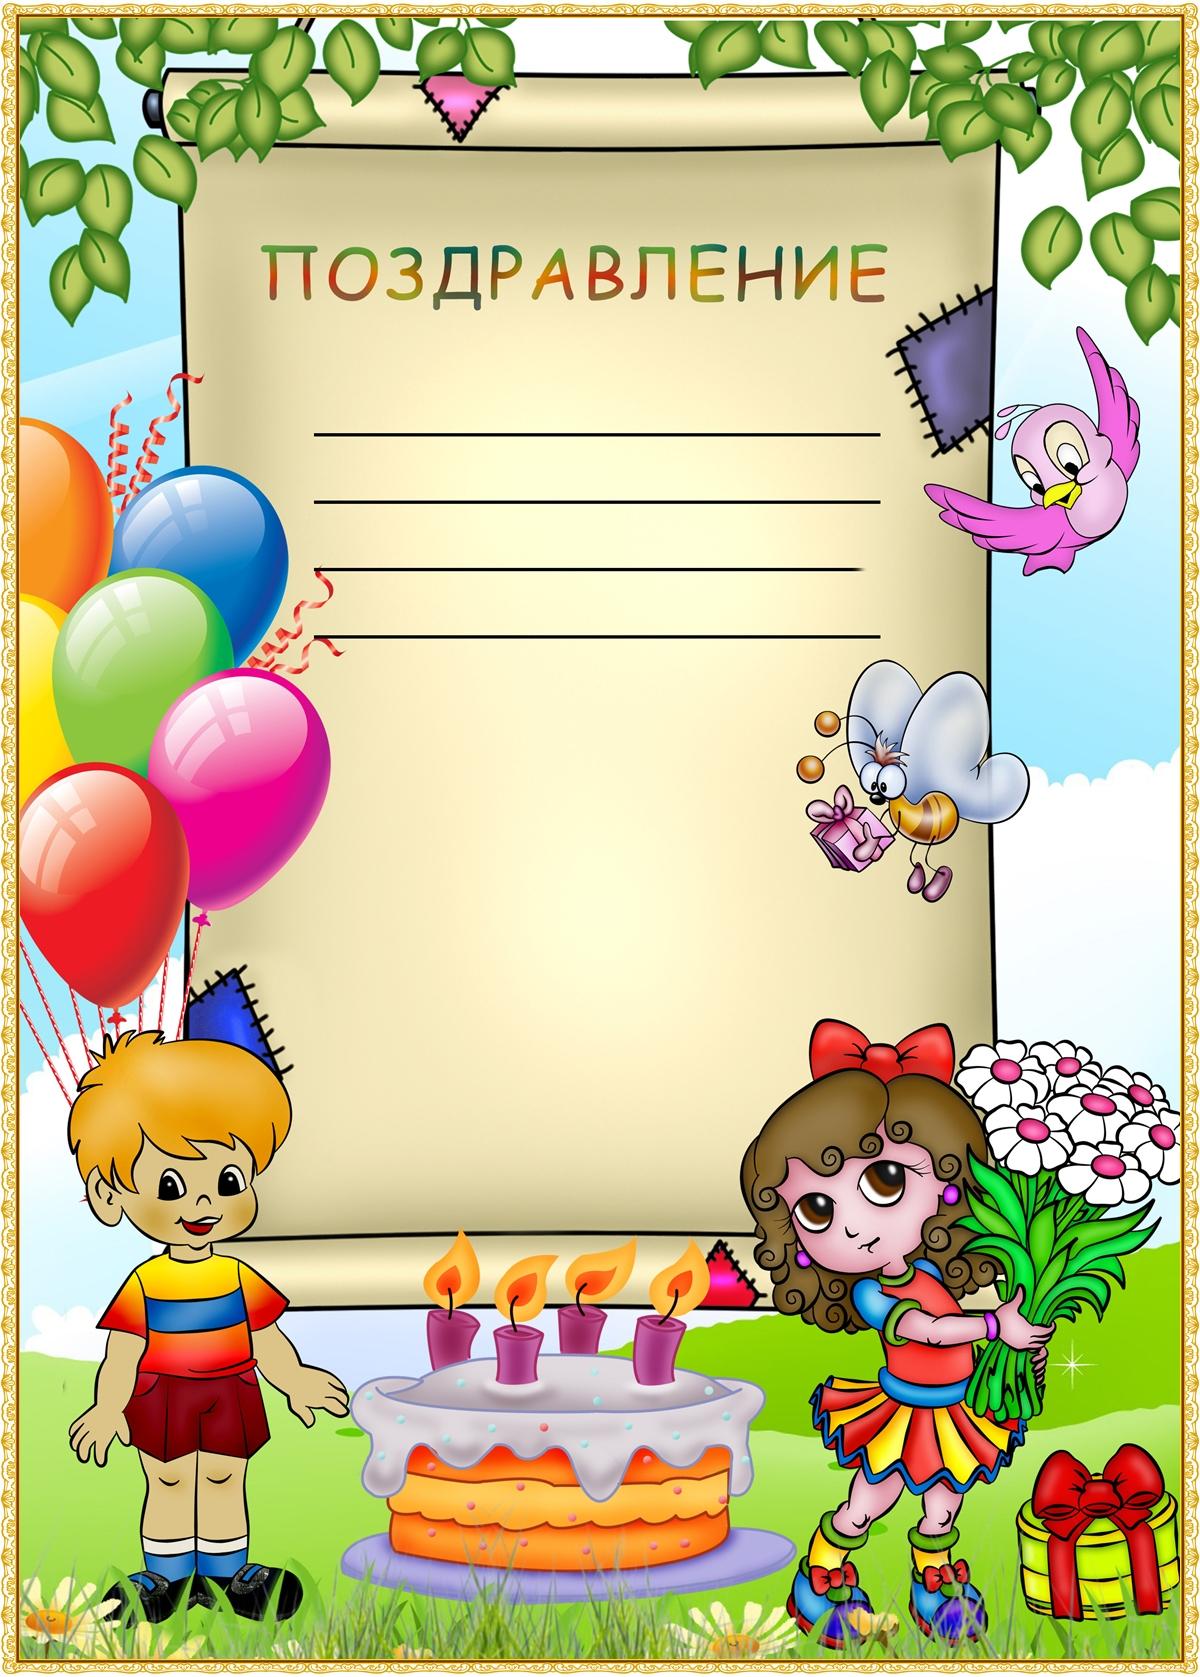 Грамота для поздравления с днем рождения шаблон